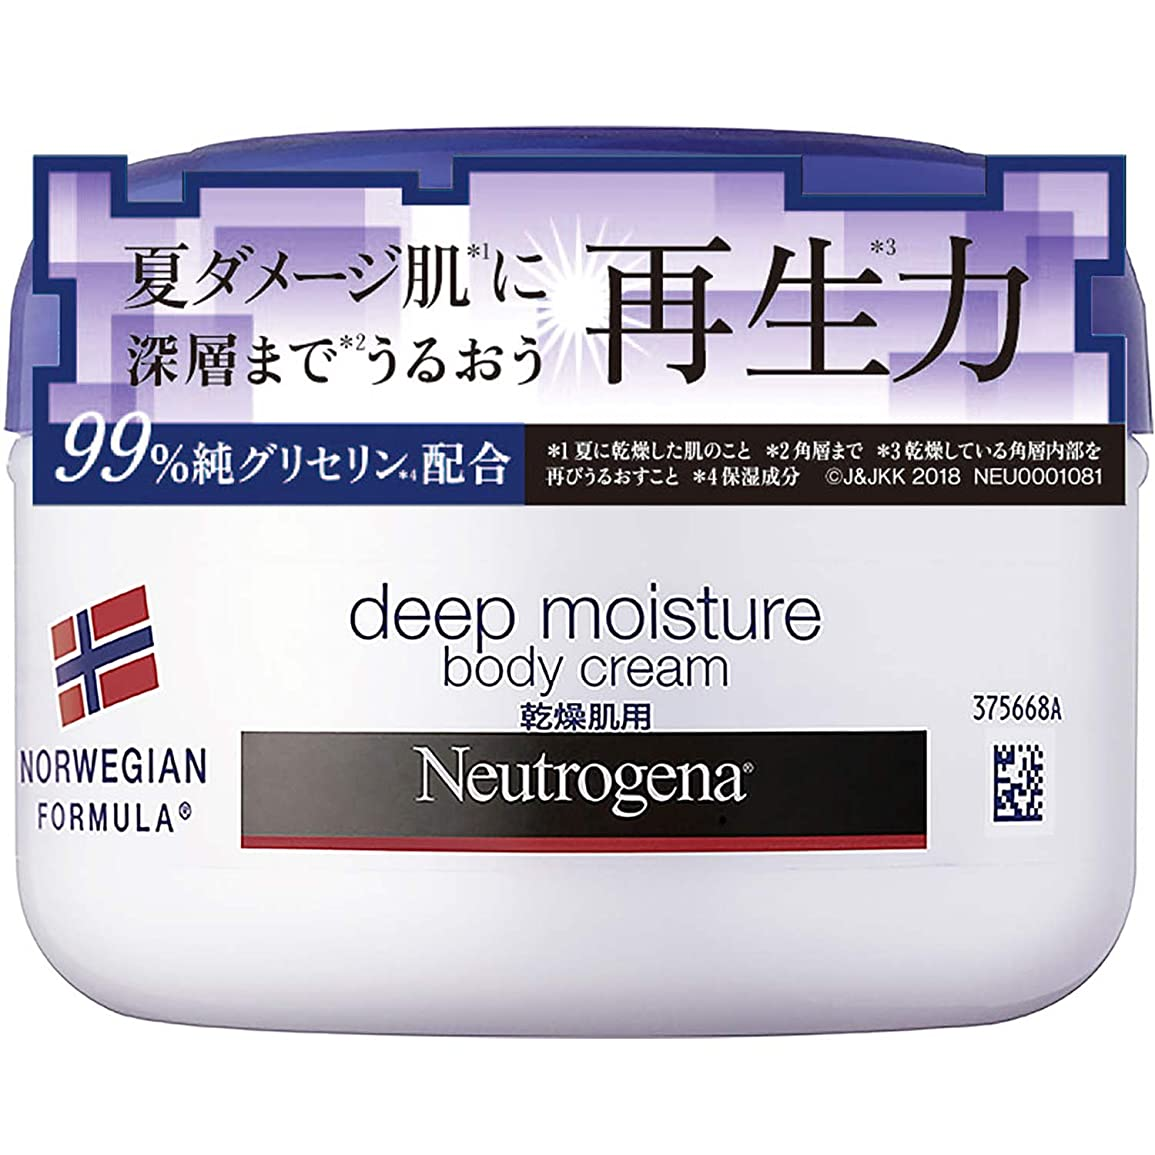 非効率的なチーム愛情深いNeutrogena(ニュートロジーナ) ノルウェーフォーミュラ ディープモイスチャー ボディクリーム 乾燥肌用 微香性 200ml